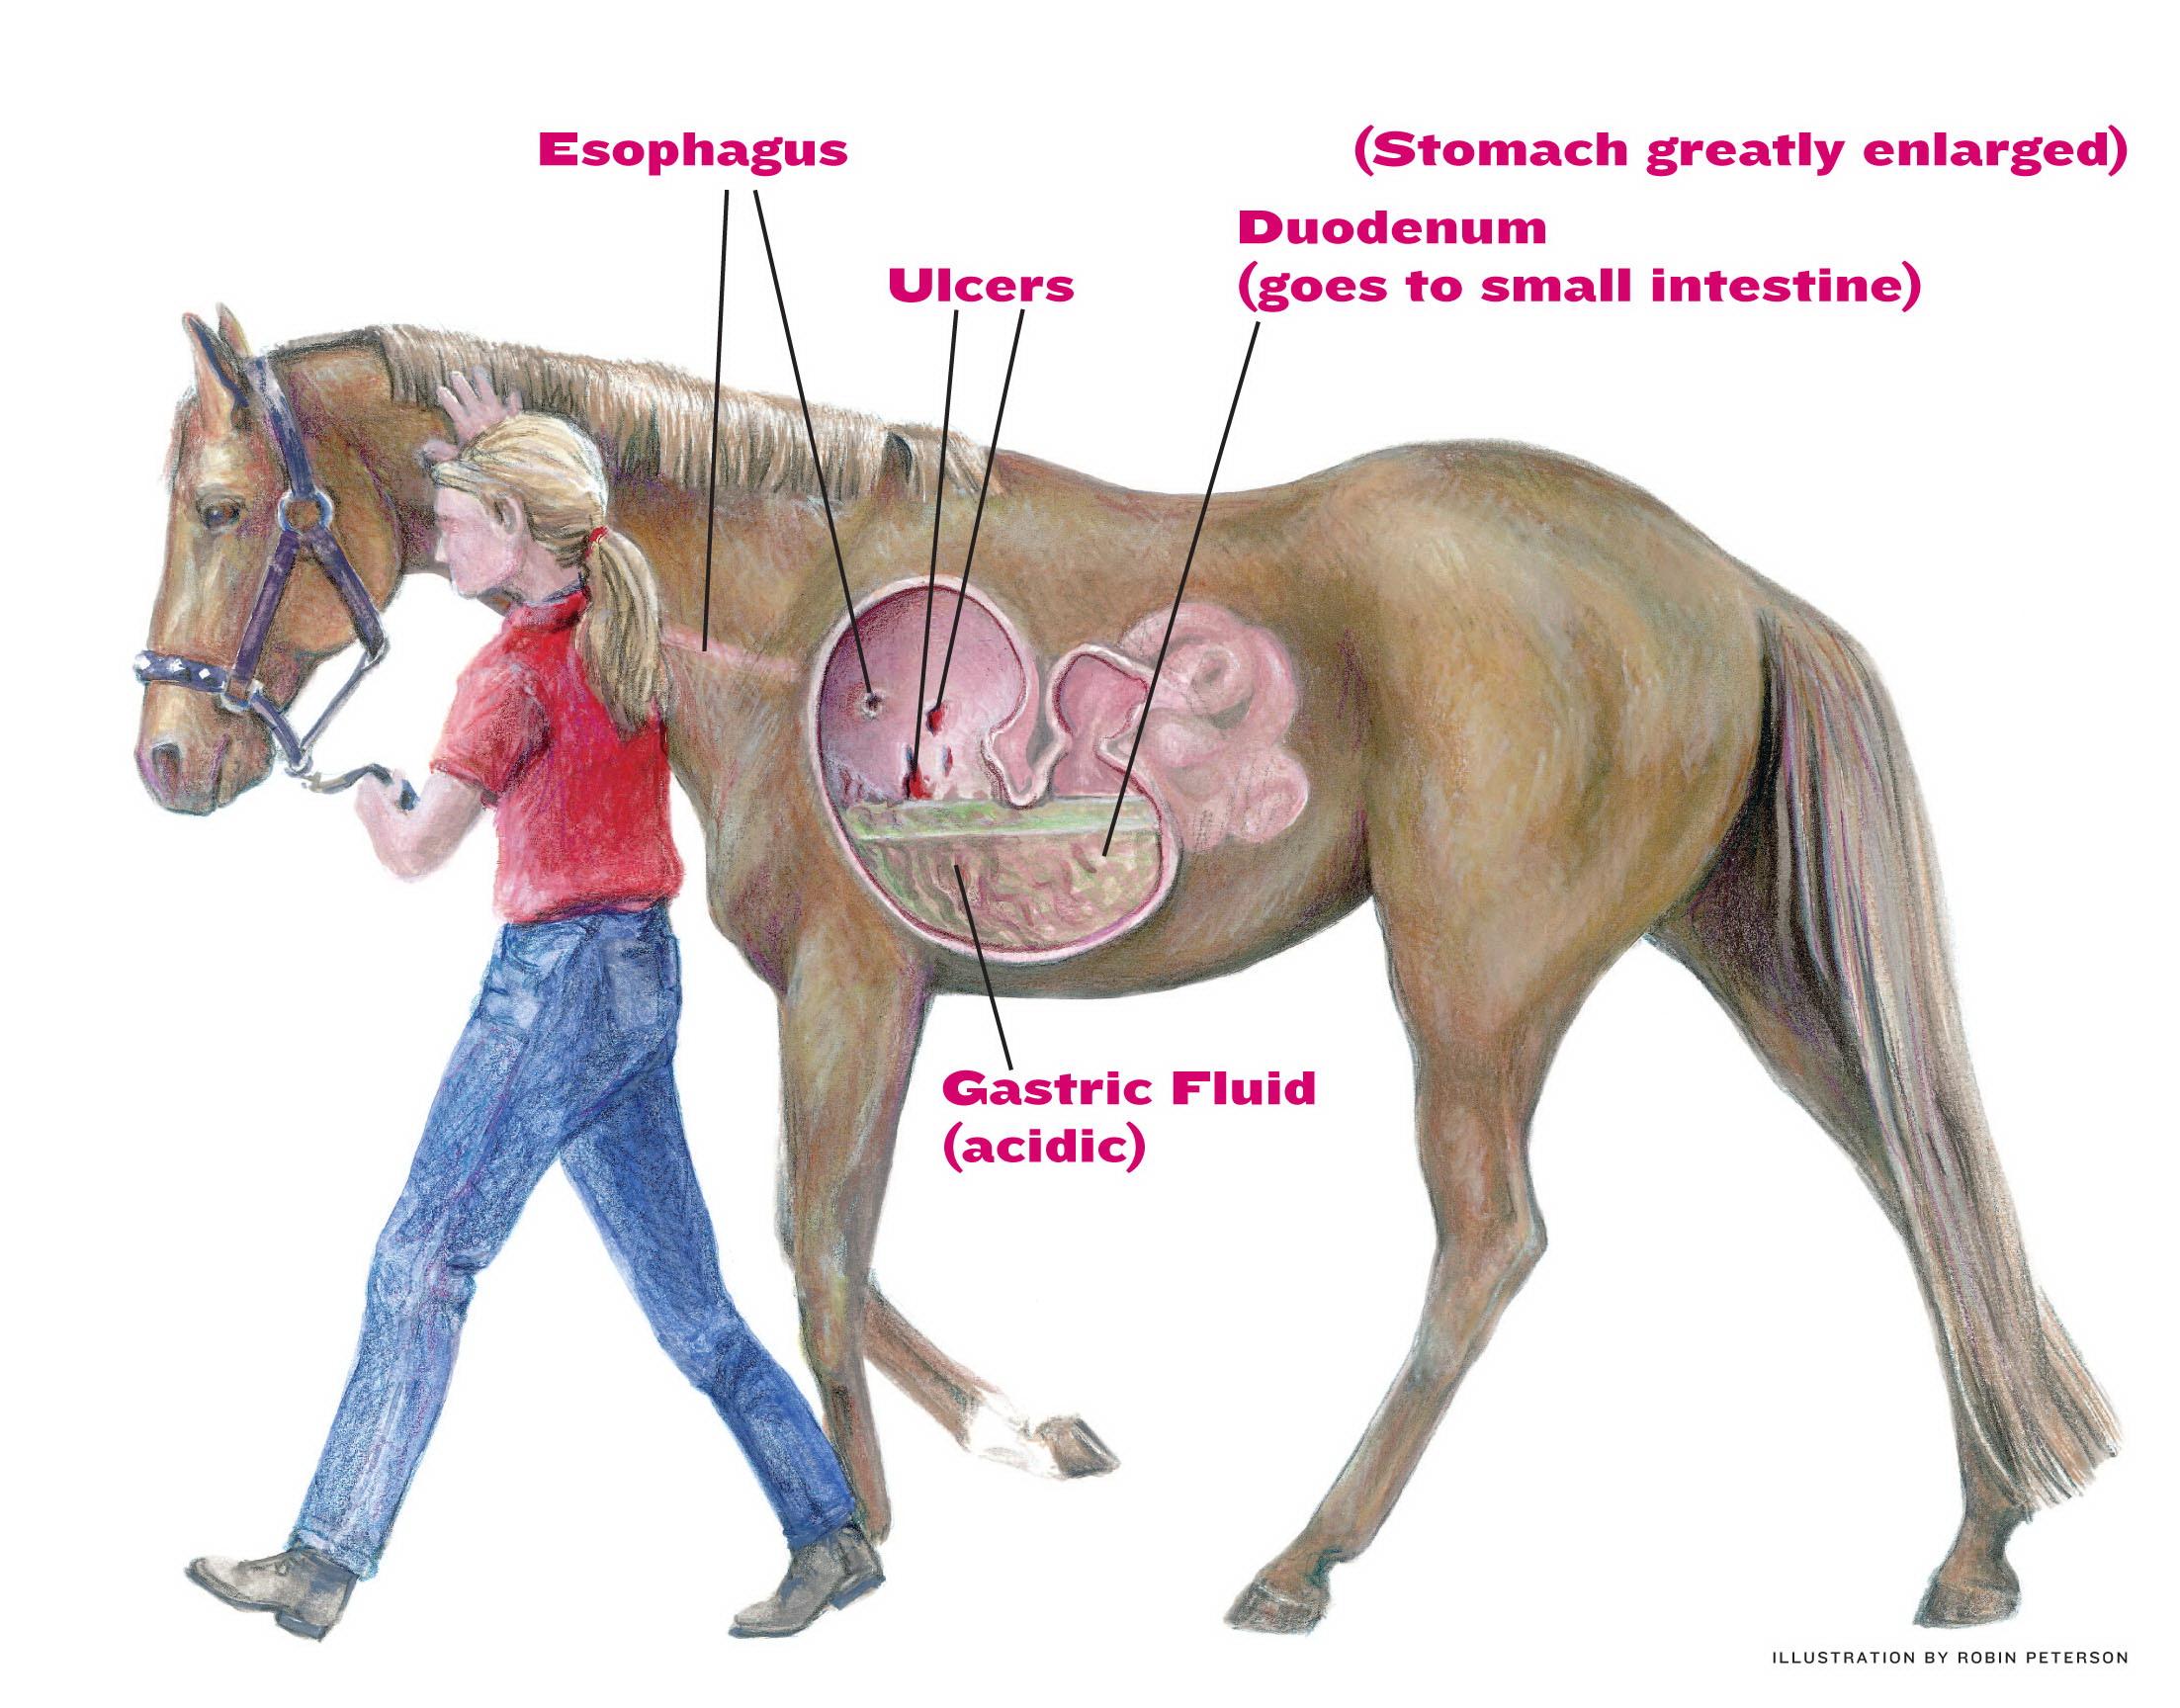 Bilde lånt fra: http://americashorsedaily.com/wp-content/uploads/Ulcers-illustration_text.jpg